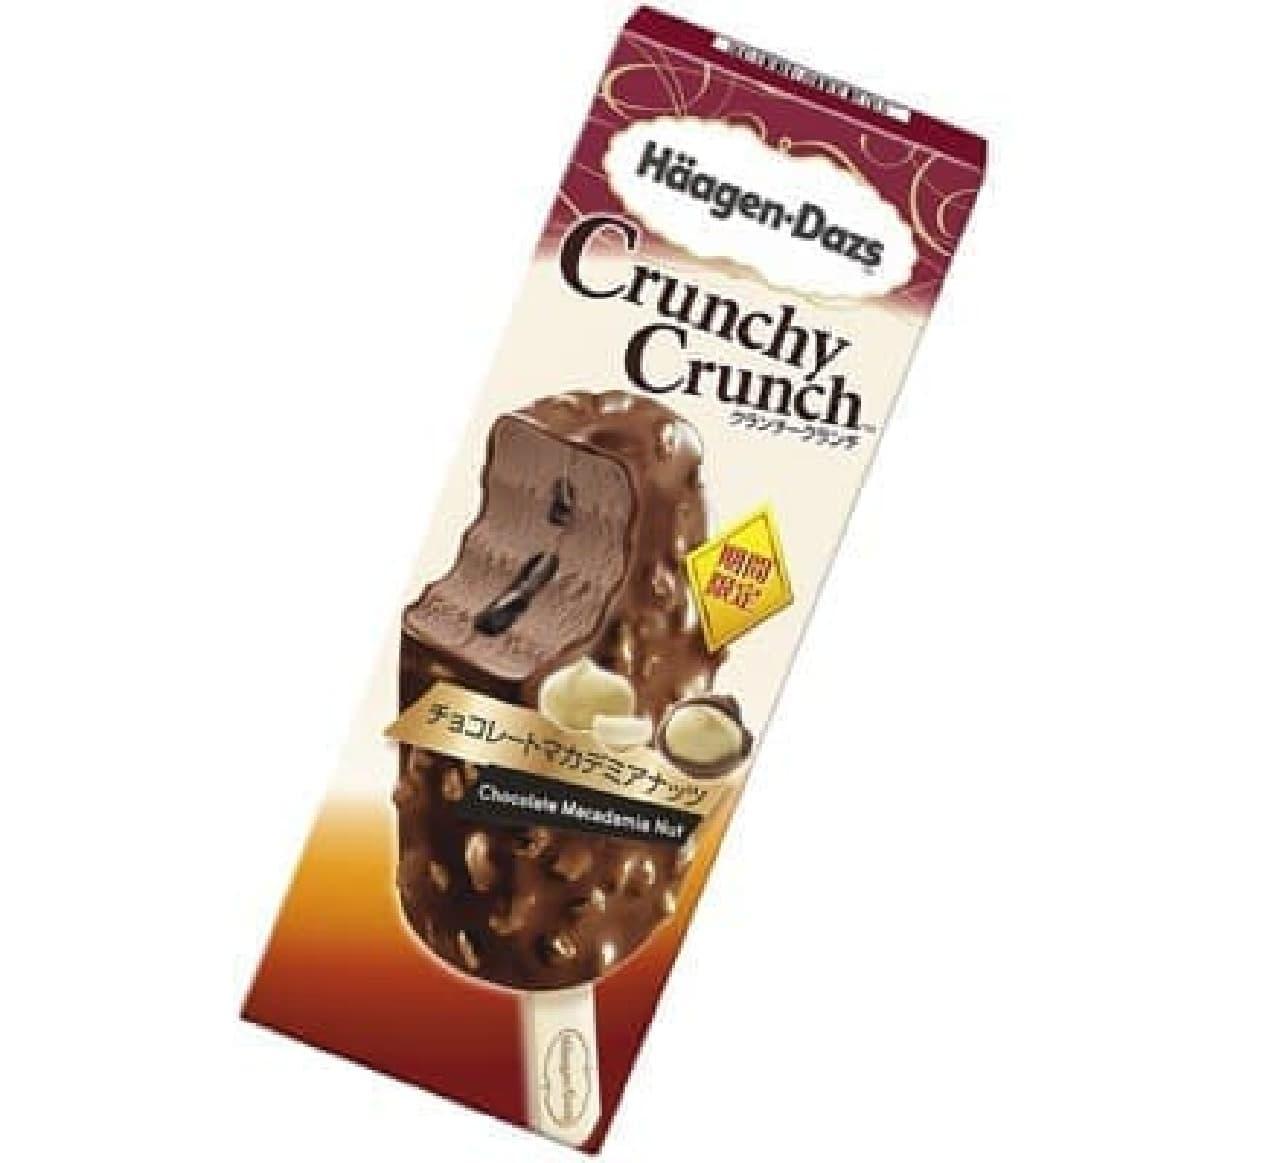 「クランチークランチ チョコレートマカデミアナッツ」